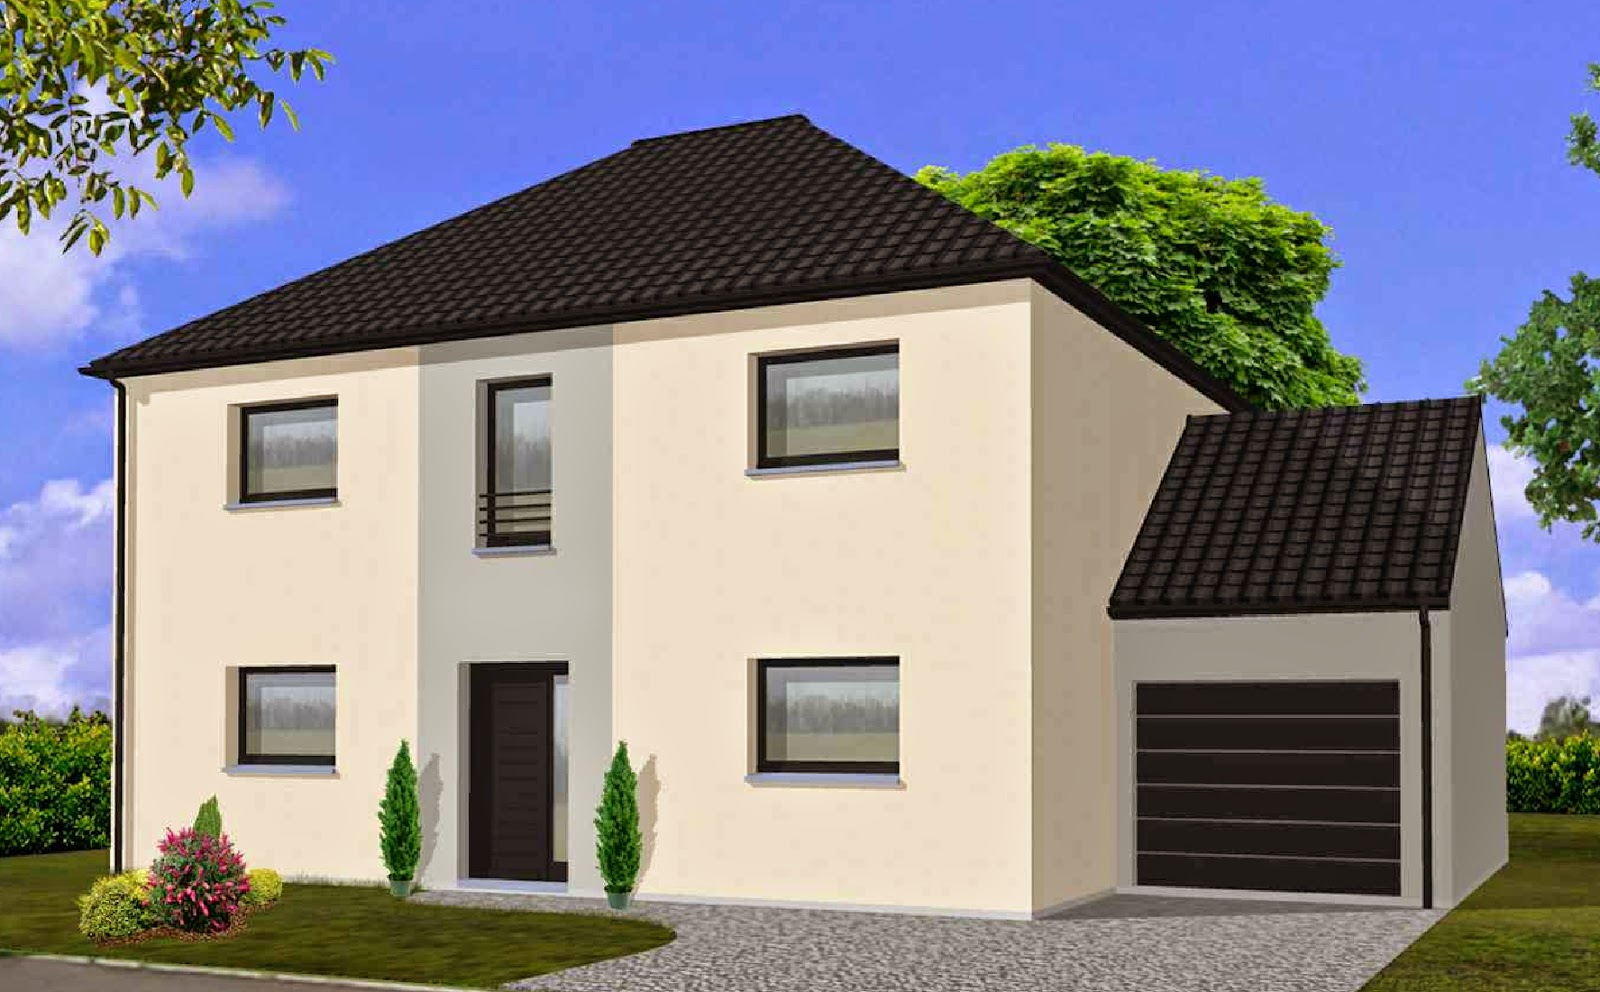 maison familiale lille auby etage r 1 148 m. Black Bedroom Furniture Sets. Home Design Ideas